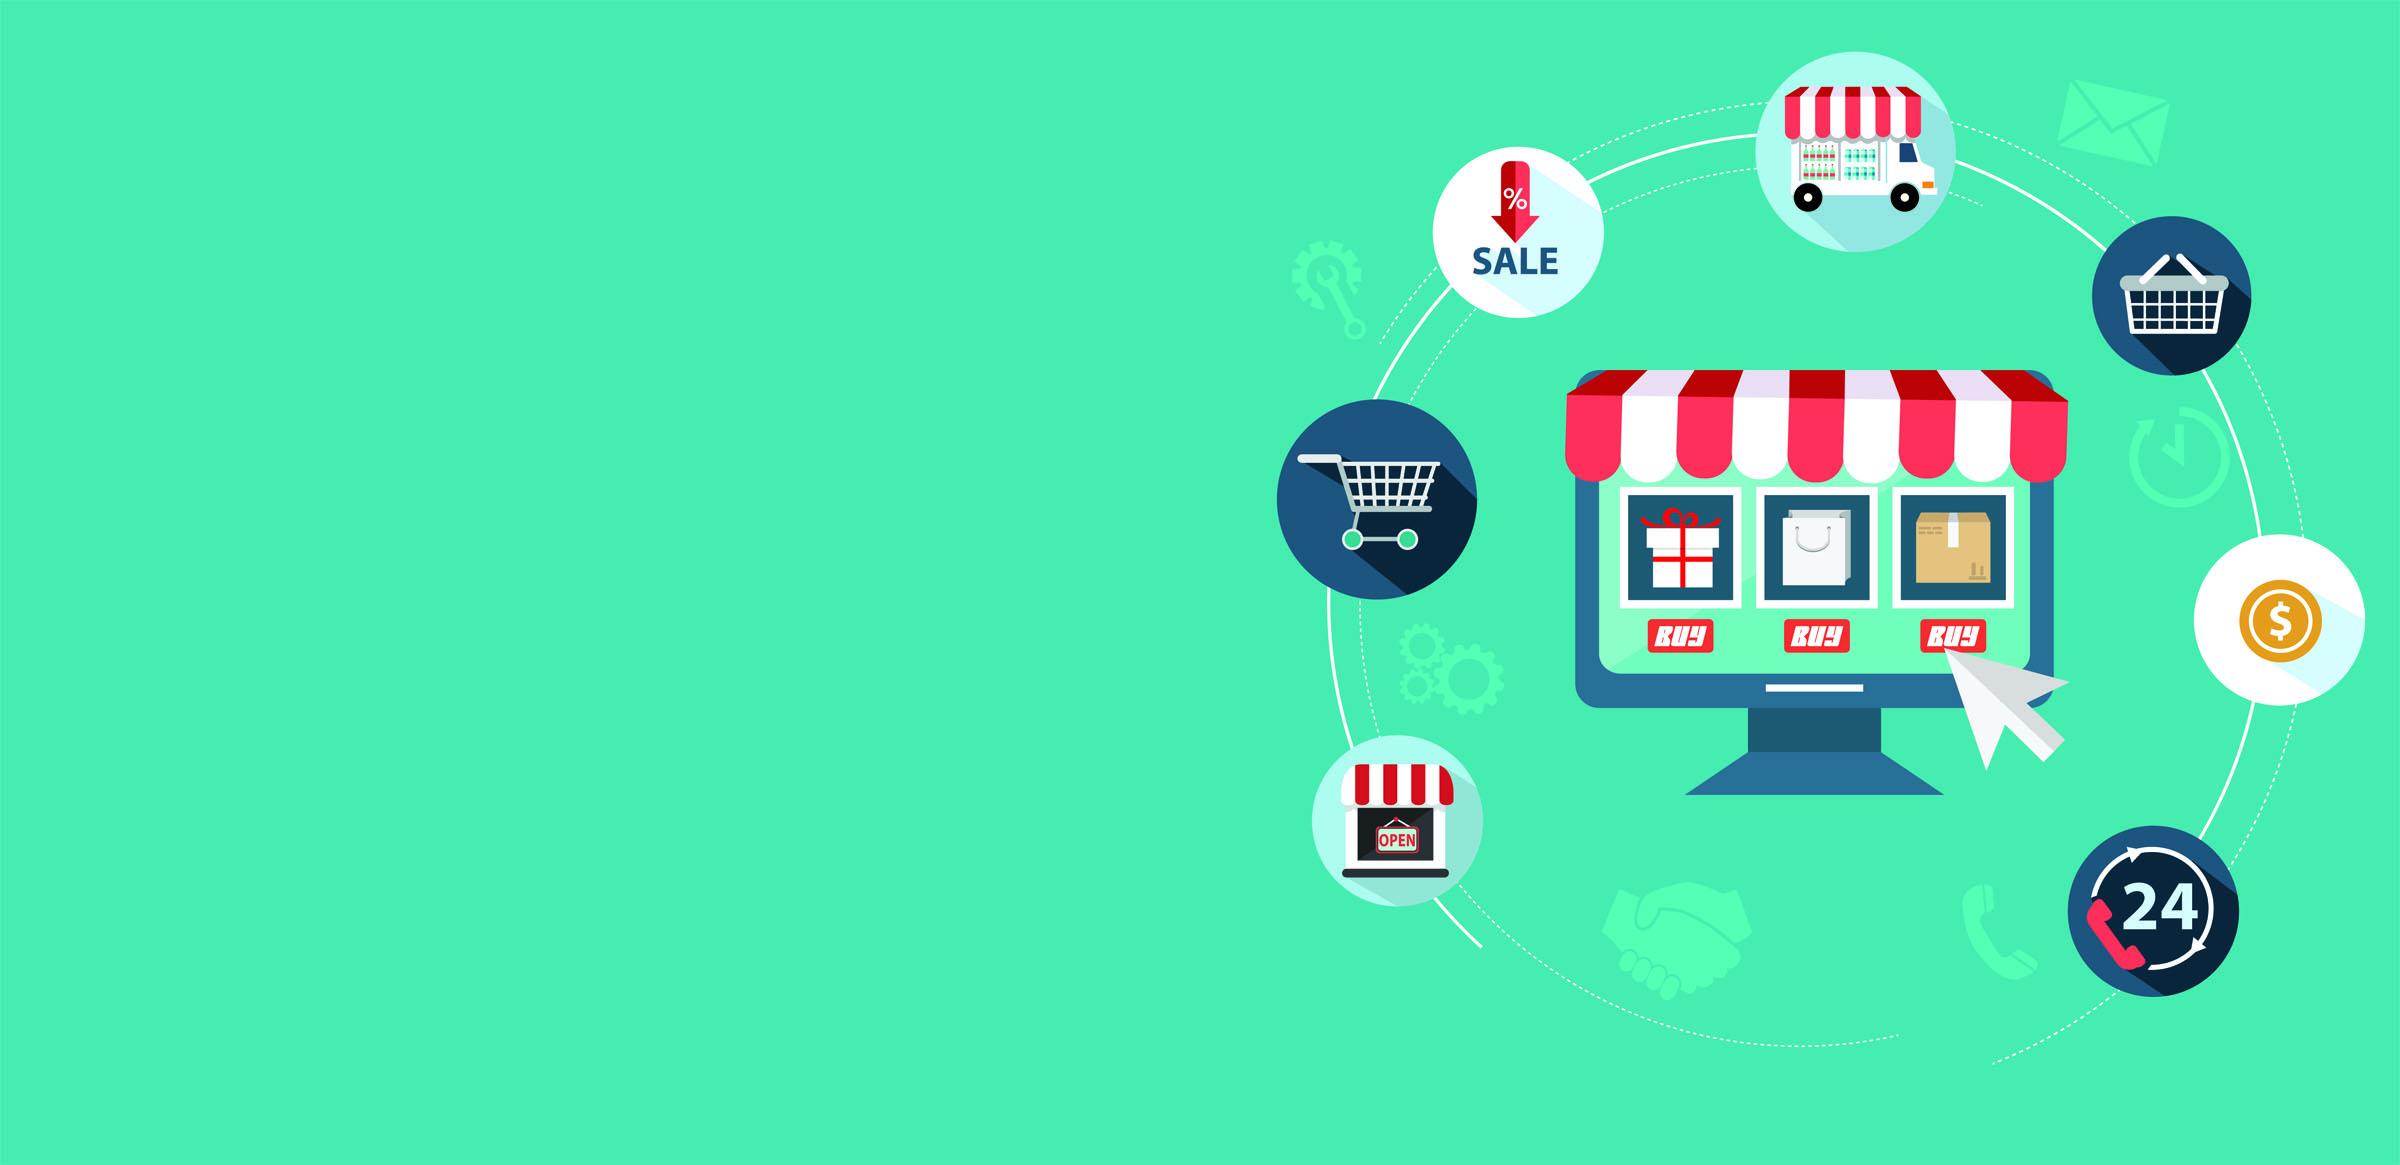 Ecommerce Bando Voucher Digitalizzazione 2018